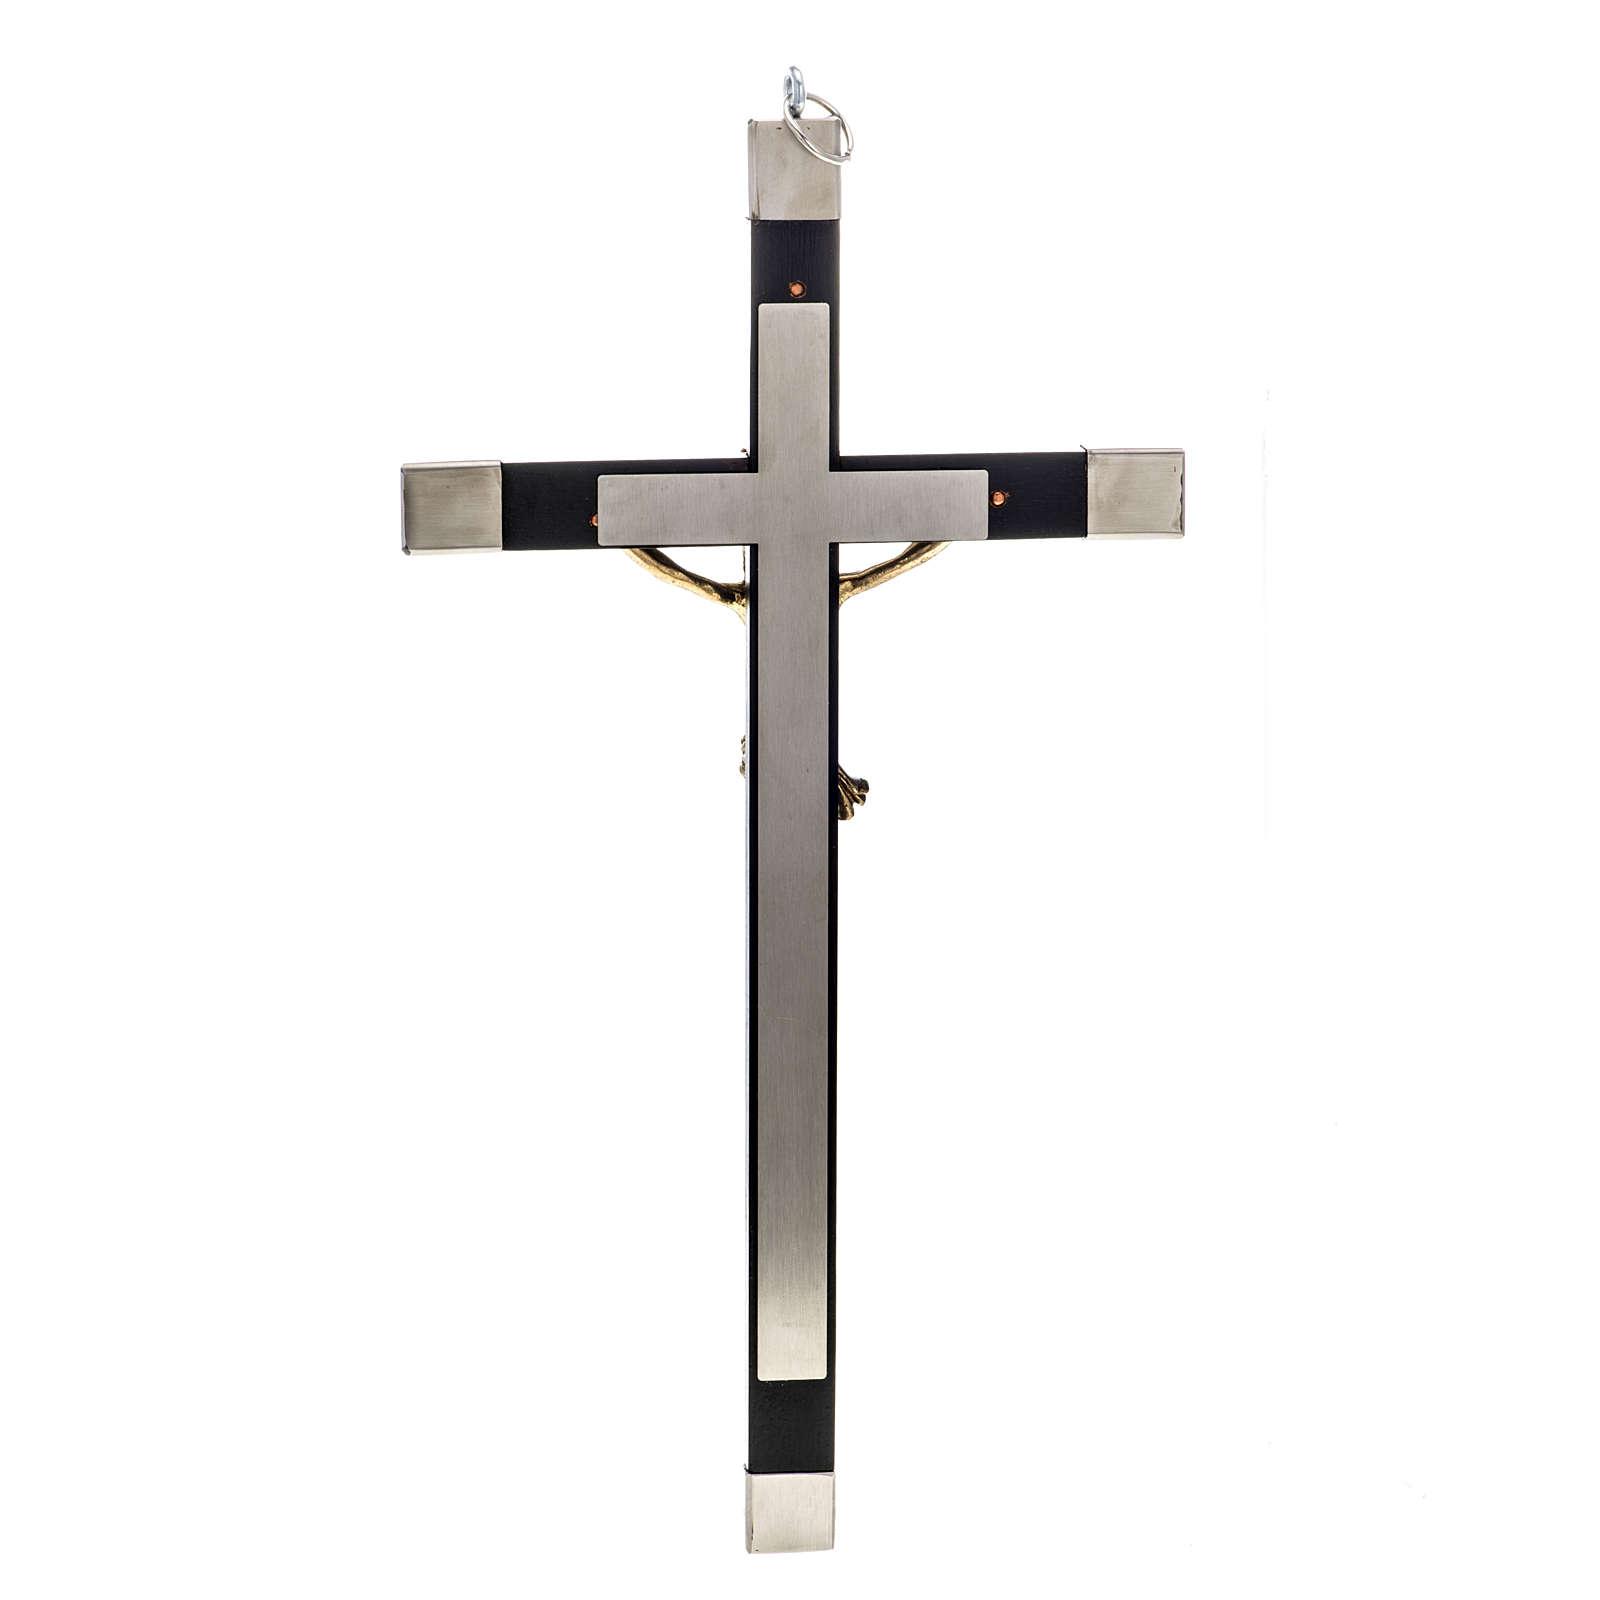 Crocefisso dei sacerdoti in legno di rovere e acciaio 30x15 cm 4